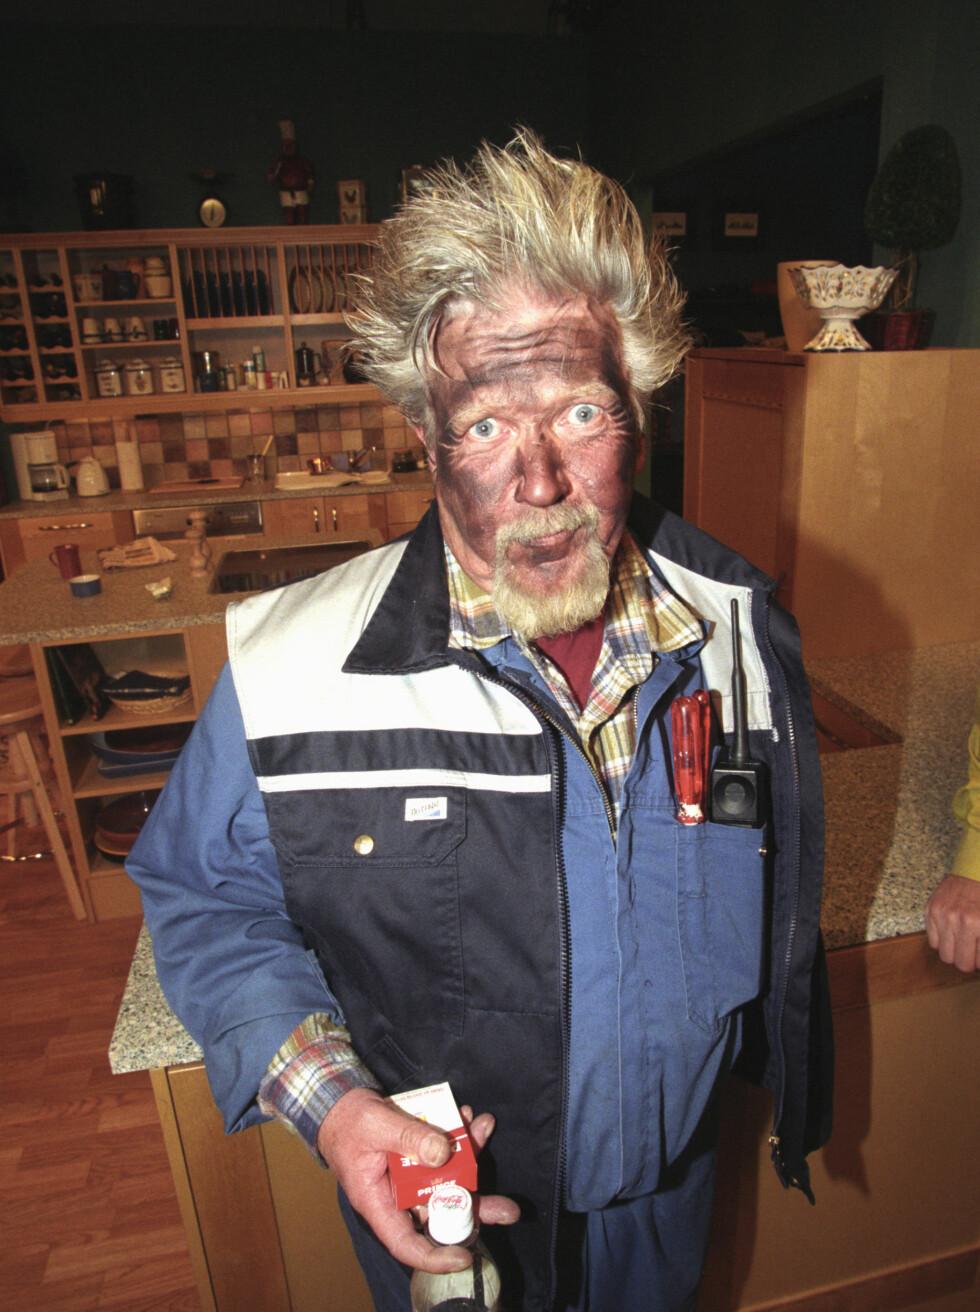 KARL & CO: Vaktmester Smestad i TV2s situasjonskomedie har visst tatt en �Dynamitt-Harry�. Foto: Scanpix